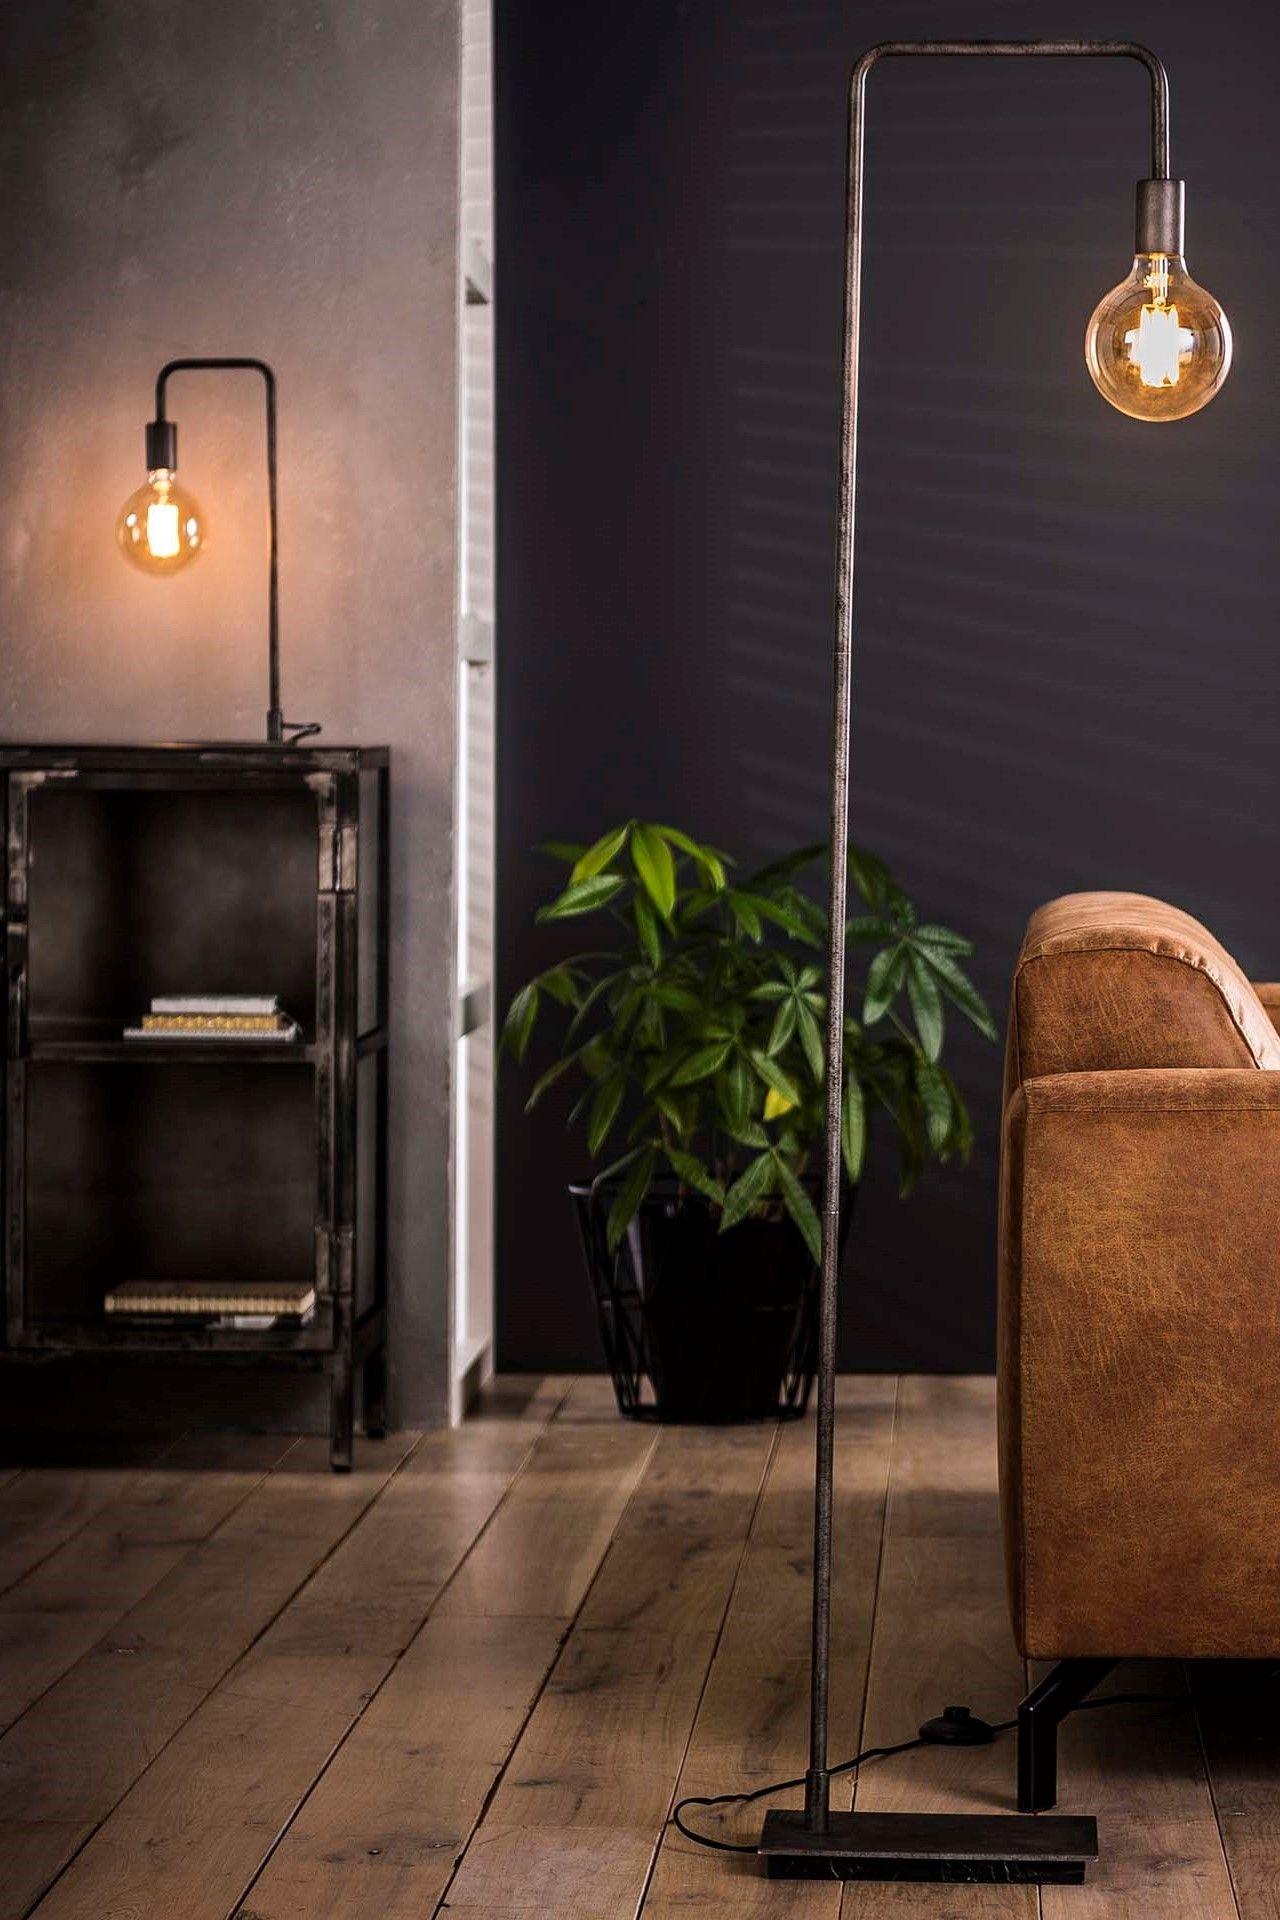 Stehlampe Slender Stehlampe Stehlampe Wohnzimmer Und Stehlampe